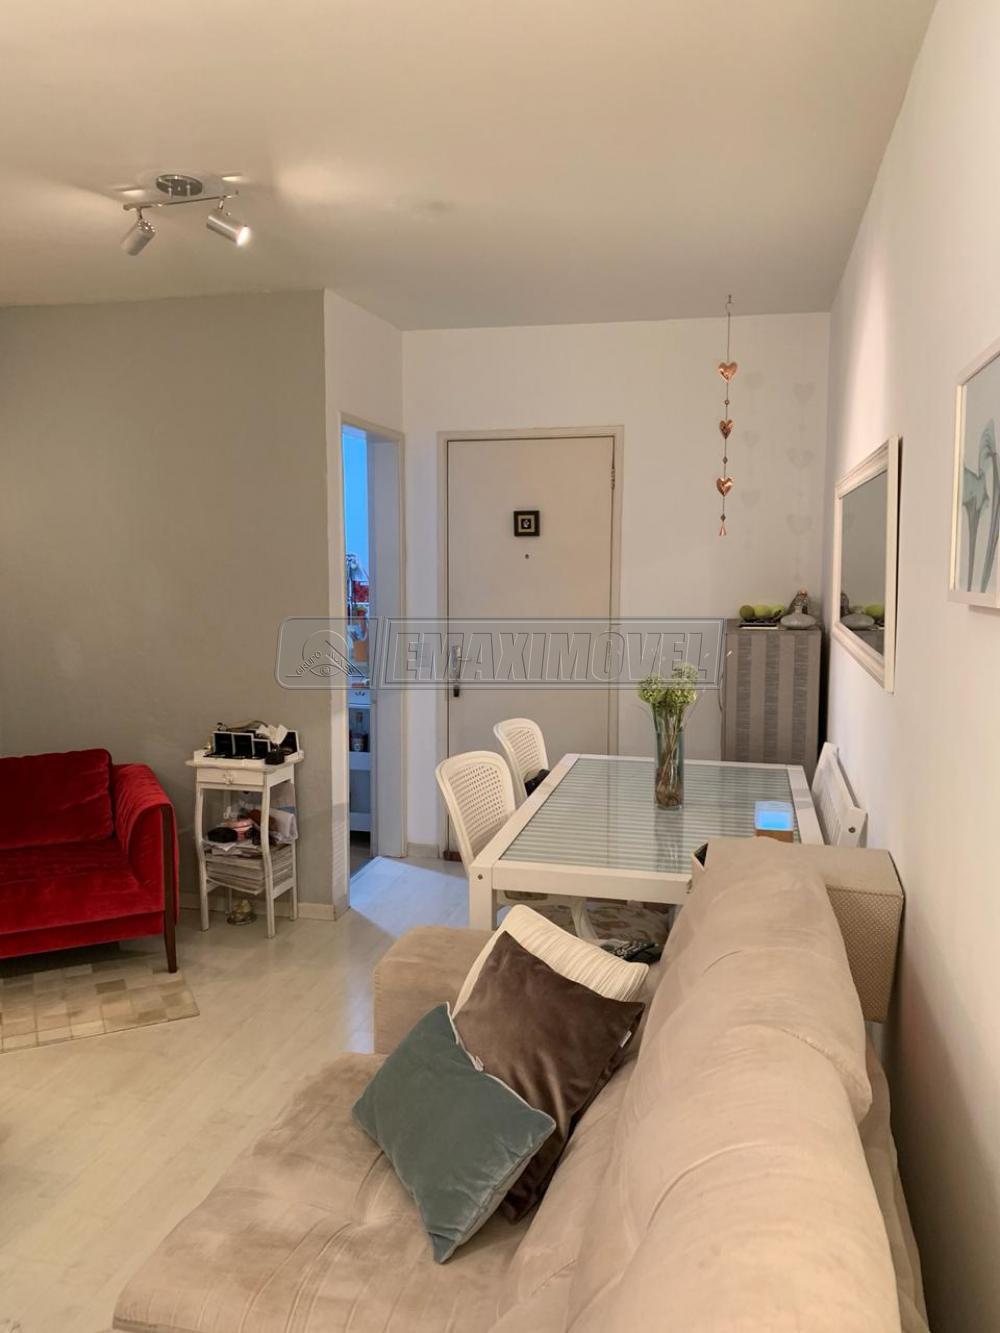 Comprar Apartamento / Padrão em Sorocaba R$ 195.000,00 - Foto 6